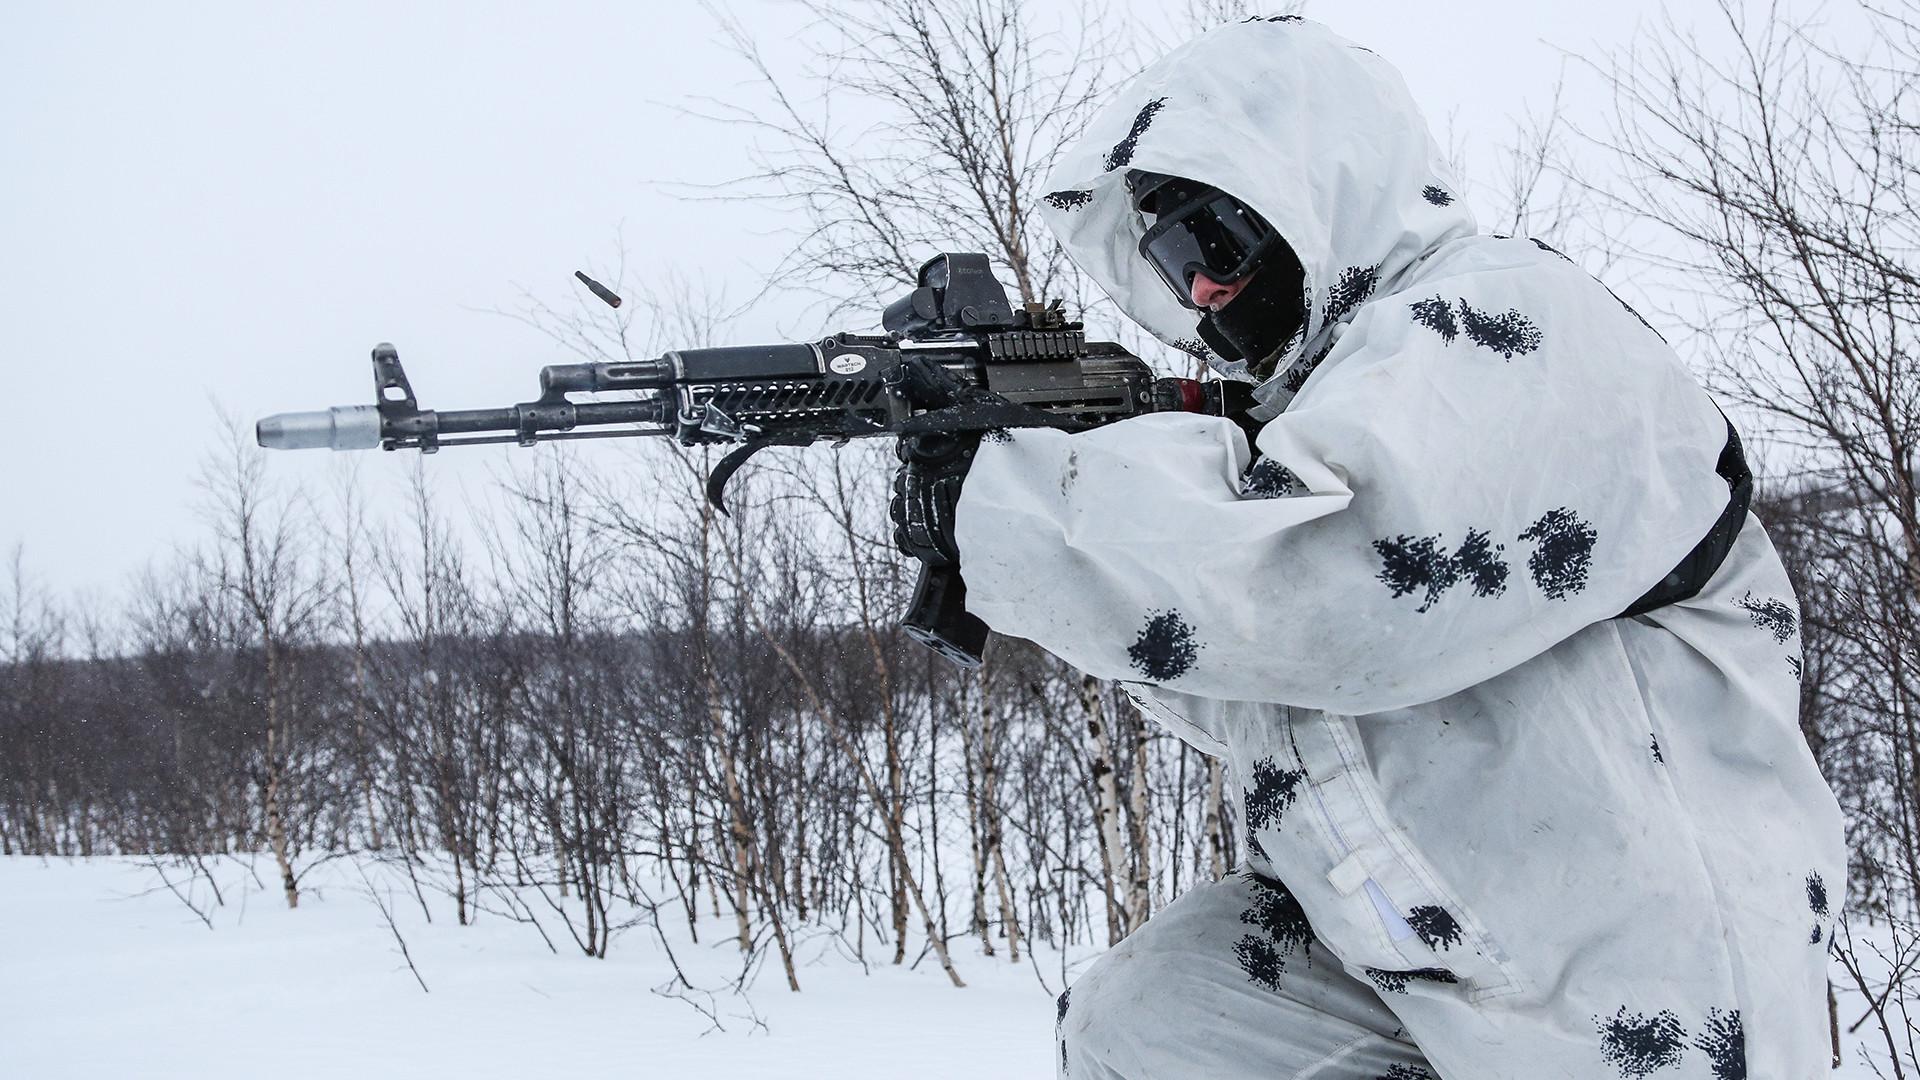 """Припадник Специјалног одреда за брзо реаговање """"Росомаха"""", управе Росгвардије за Мурманску област, на тренингу у арктичким условима."""